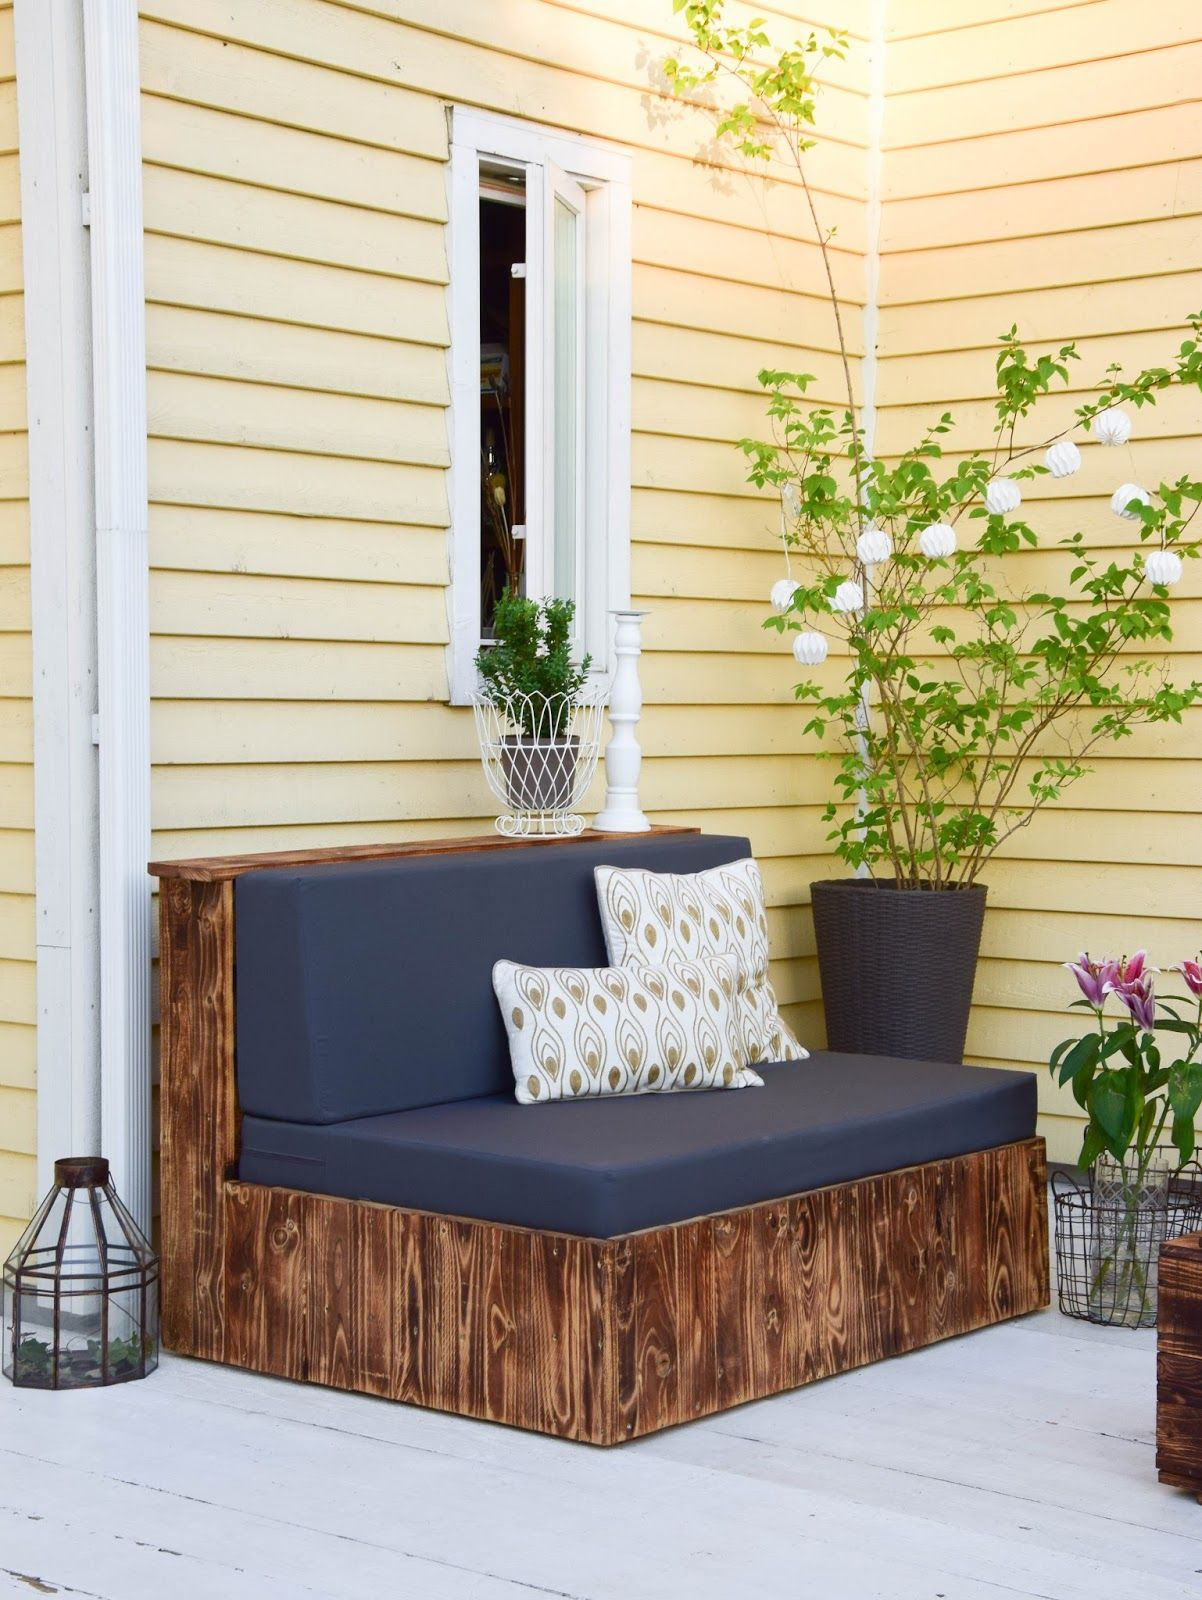 Lieblich Diy Paletten Sitzmöbel Für Terrasse Dekoidee Palettenmöbel Gestaltung Deko  Garten